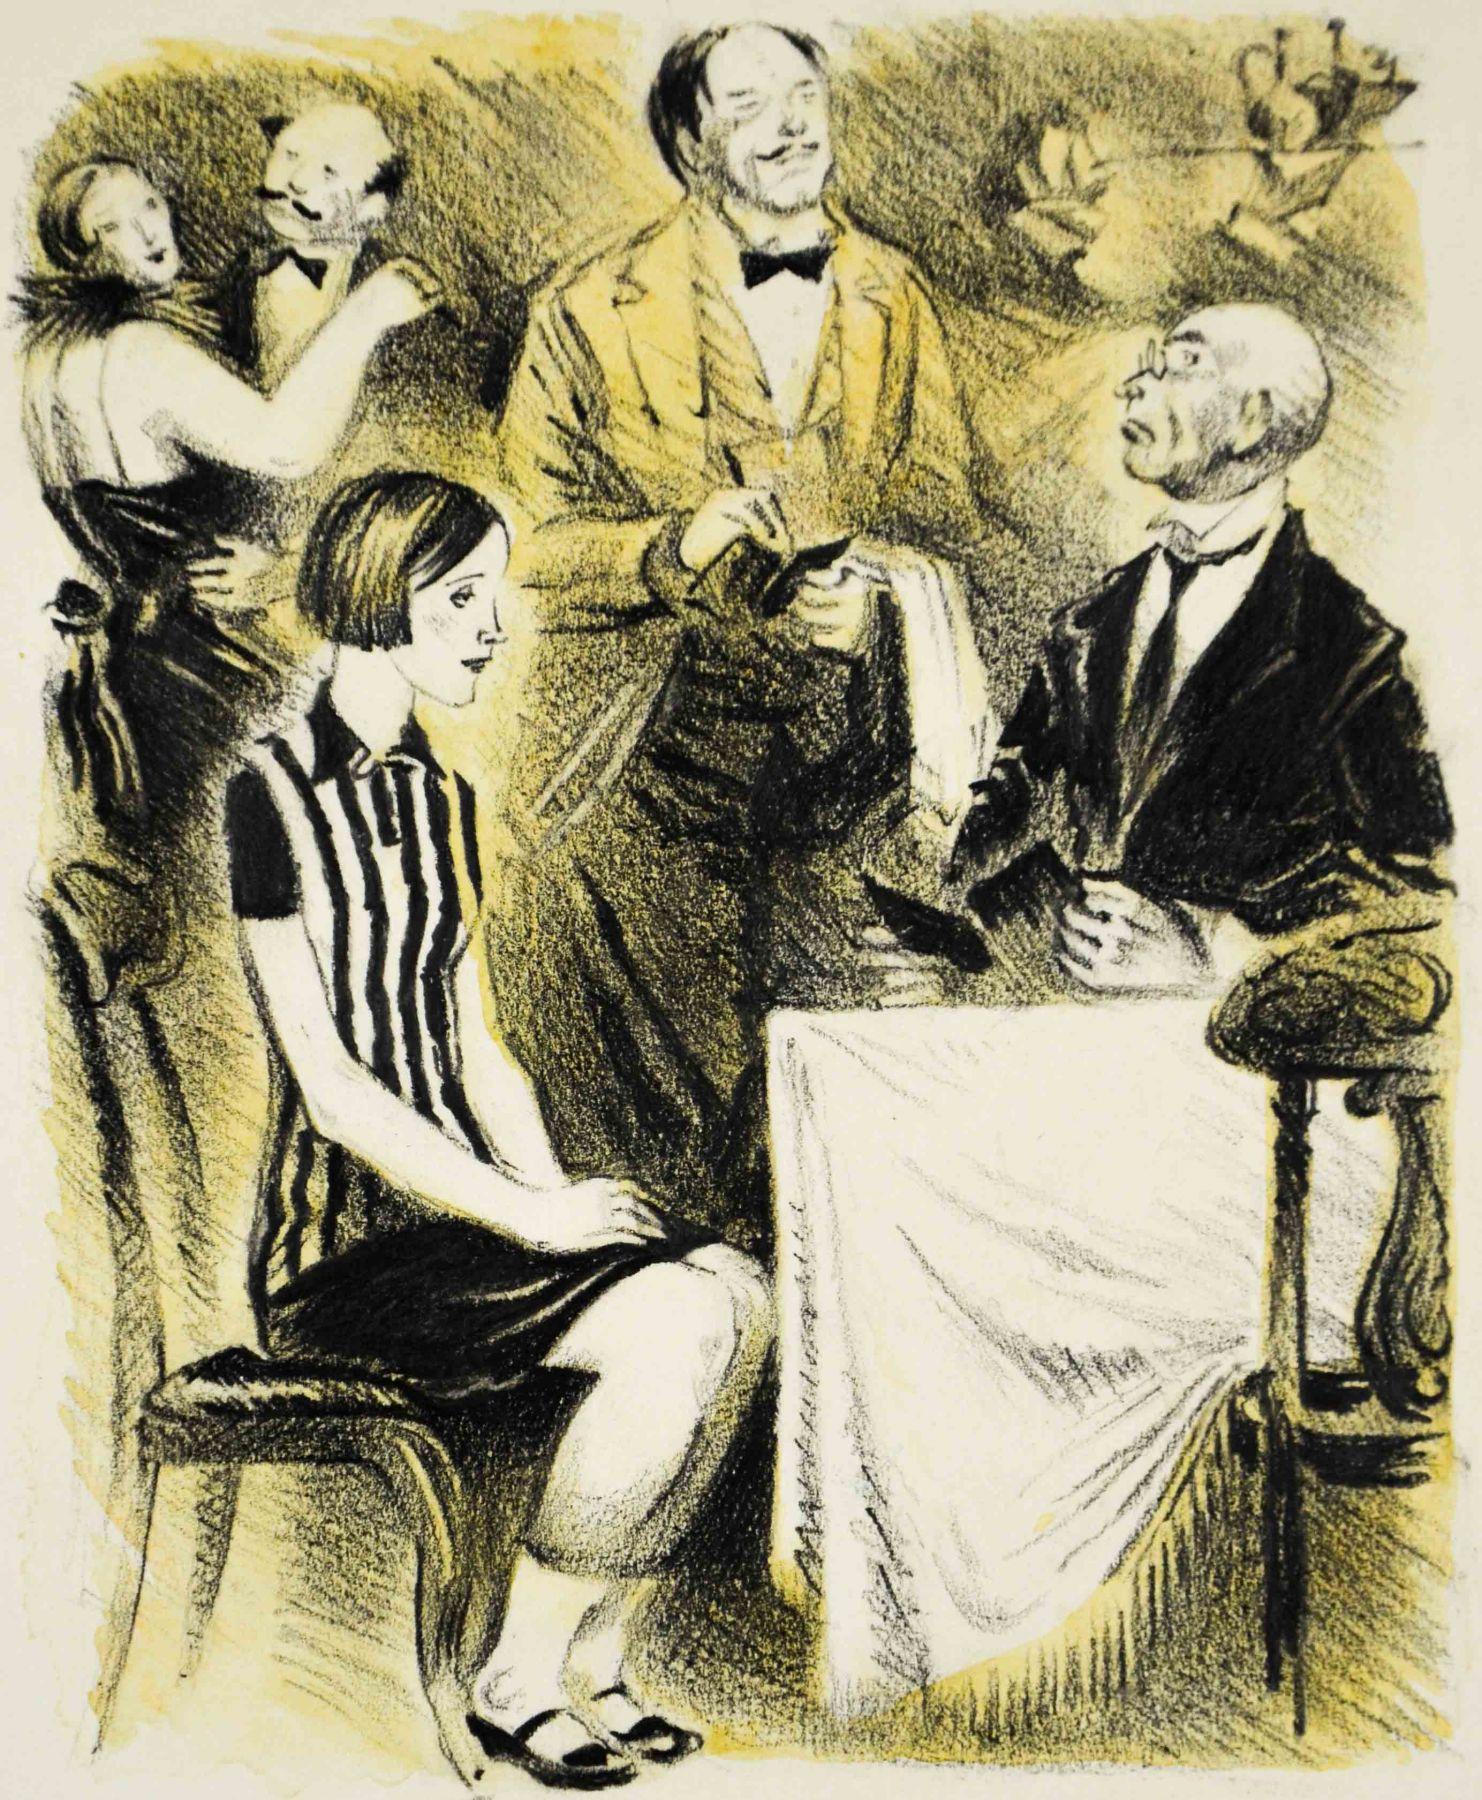 Иллюстрация к роману И. Ильфа и Е. Петрова «Двенадцать стульев».